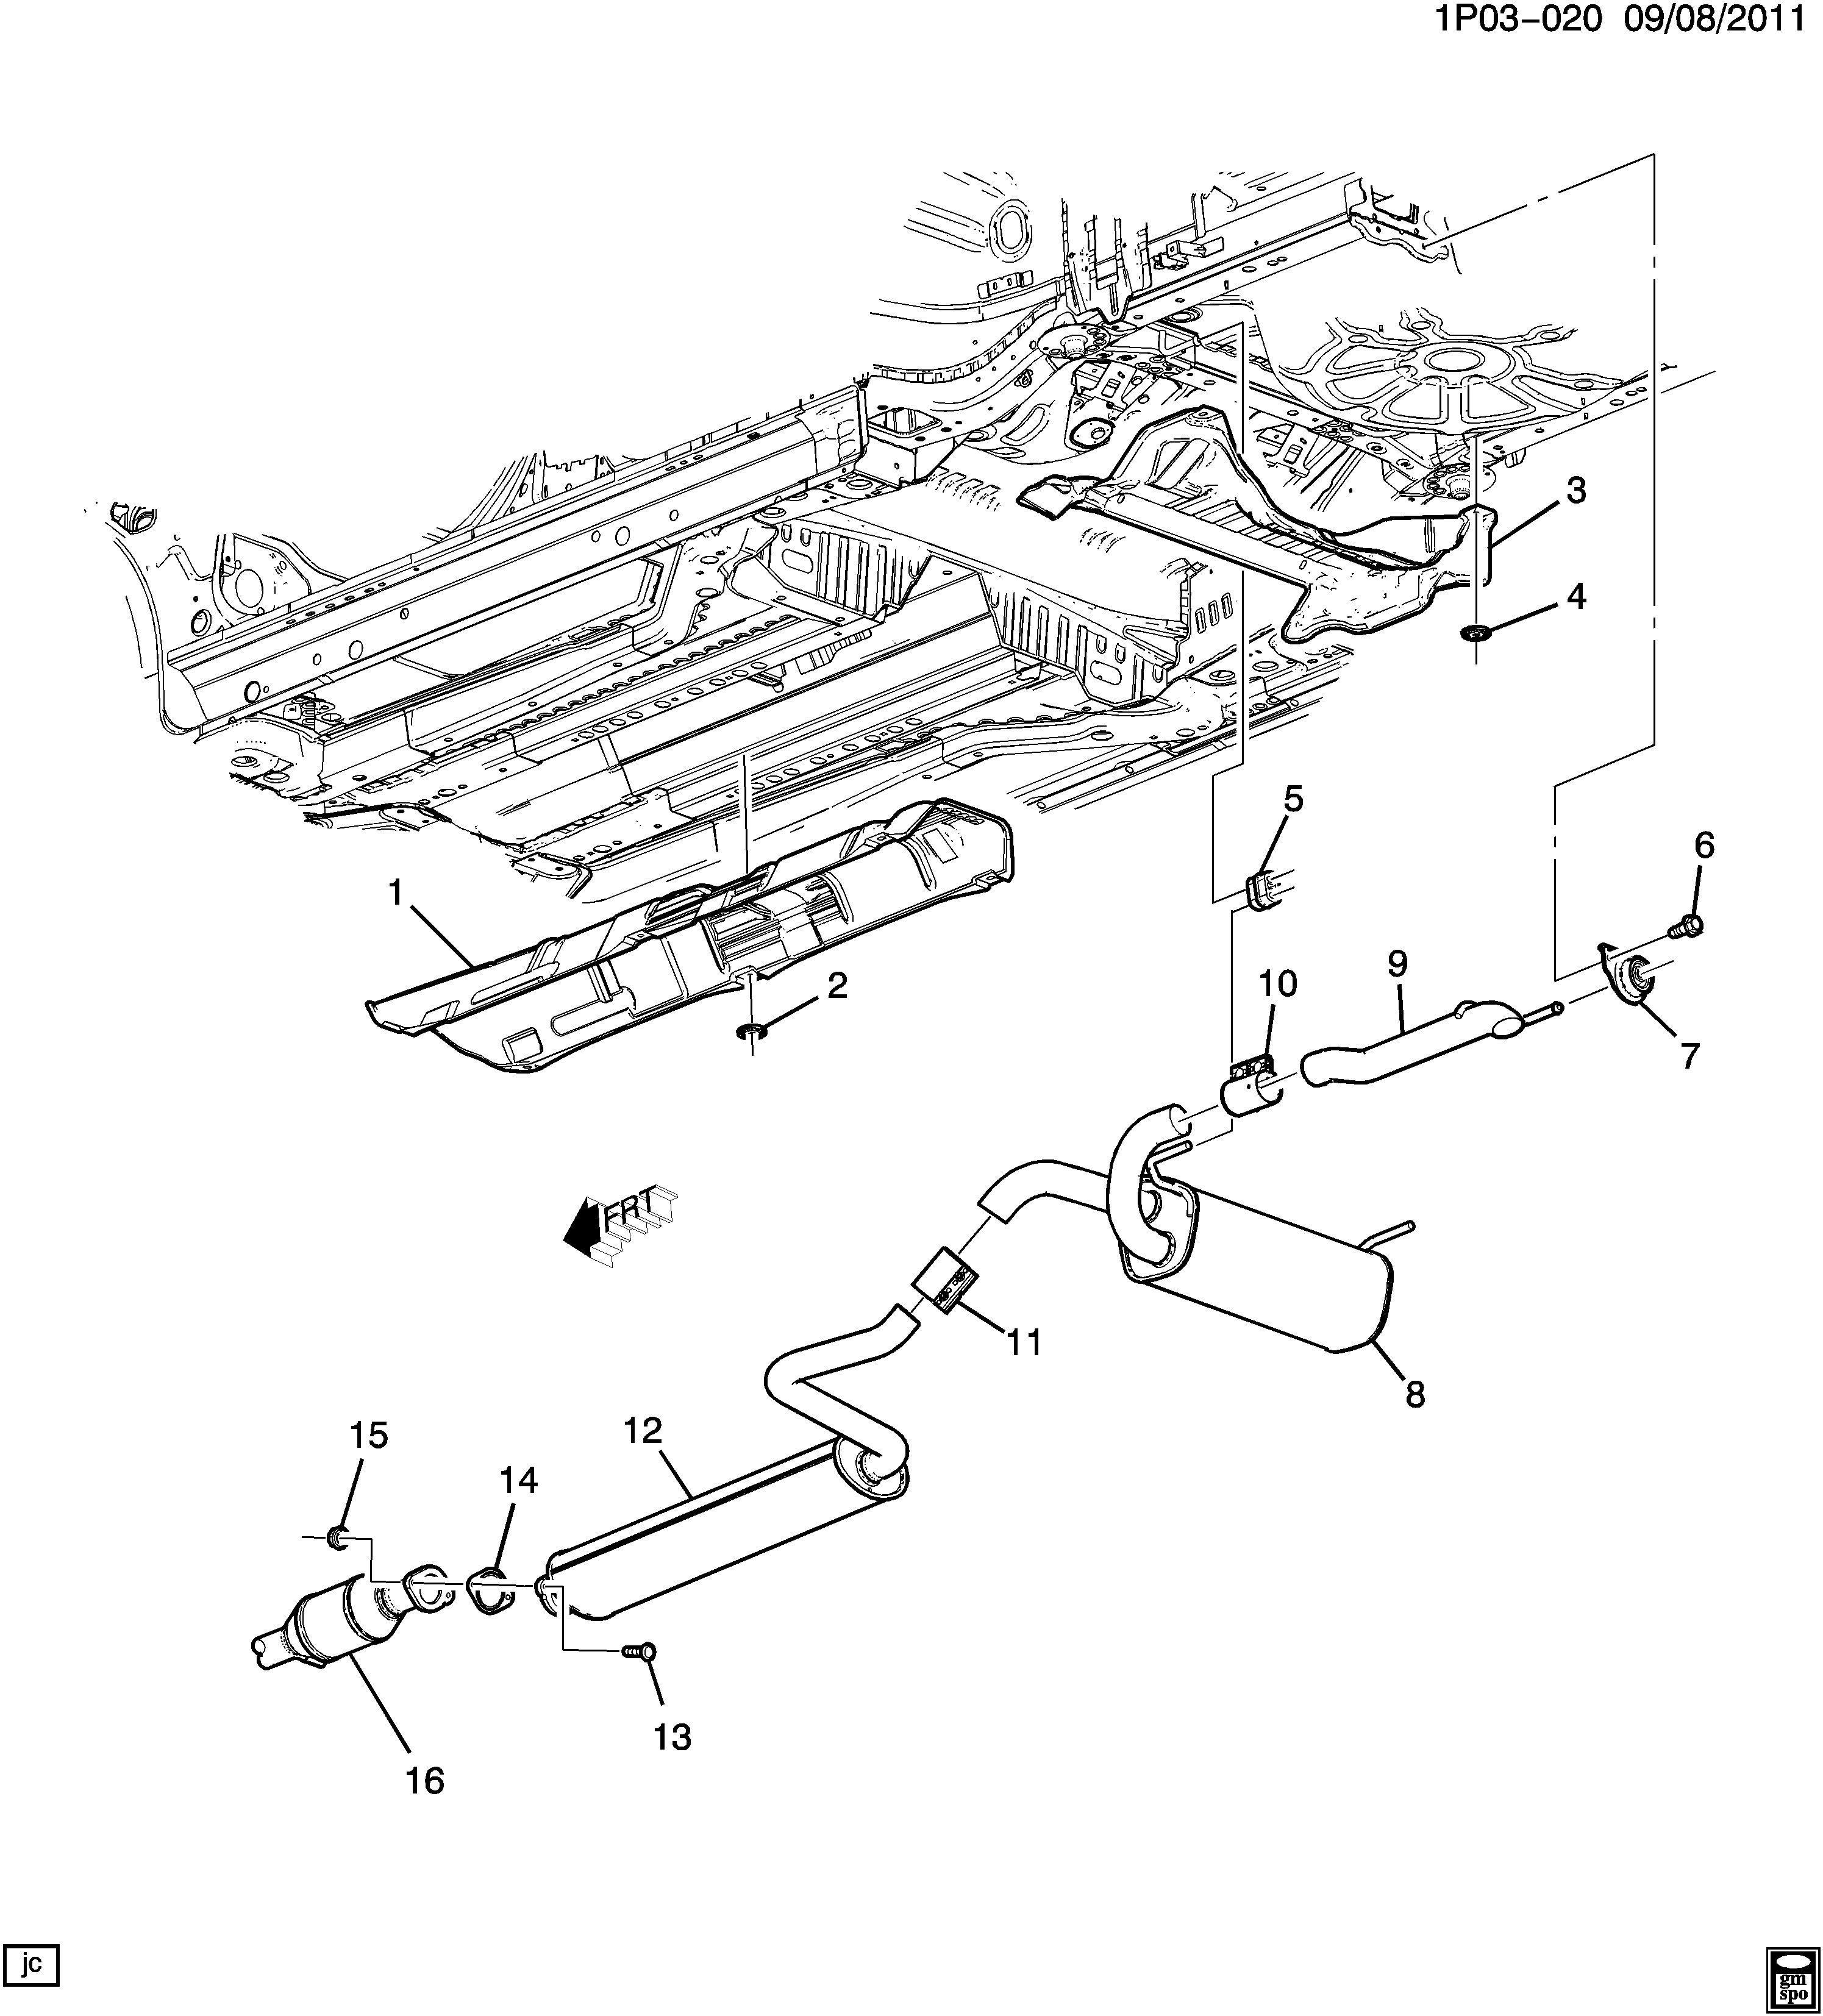 Chevrolet Cruze Gasket. Exhaust muffler/resonator. Gasket